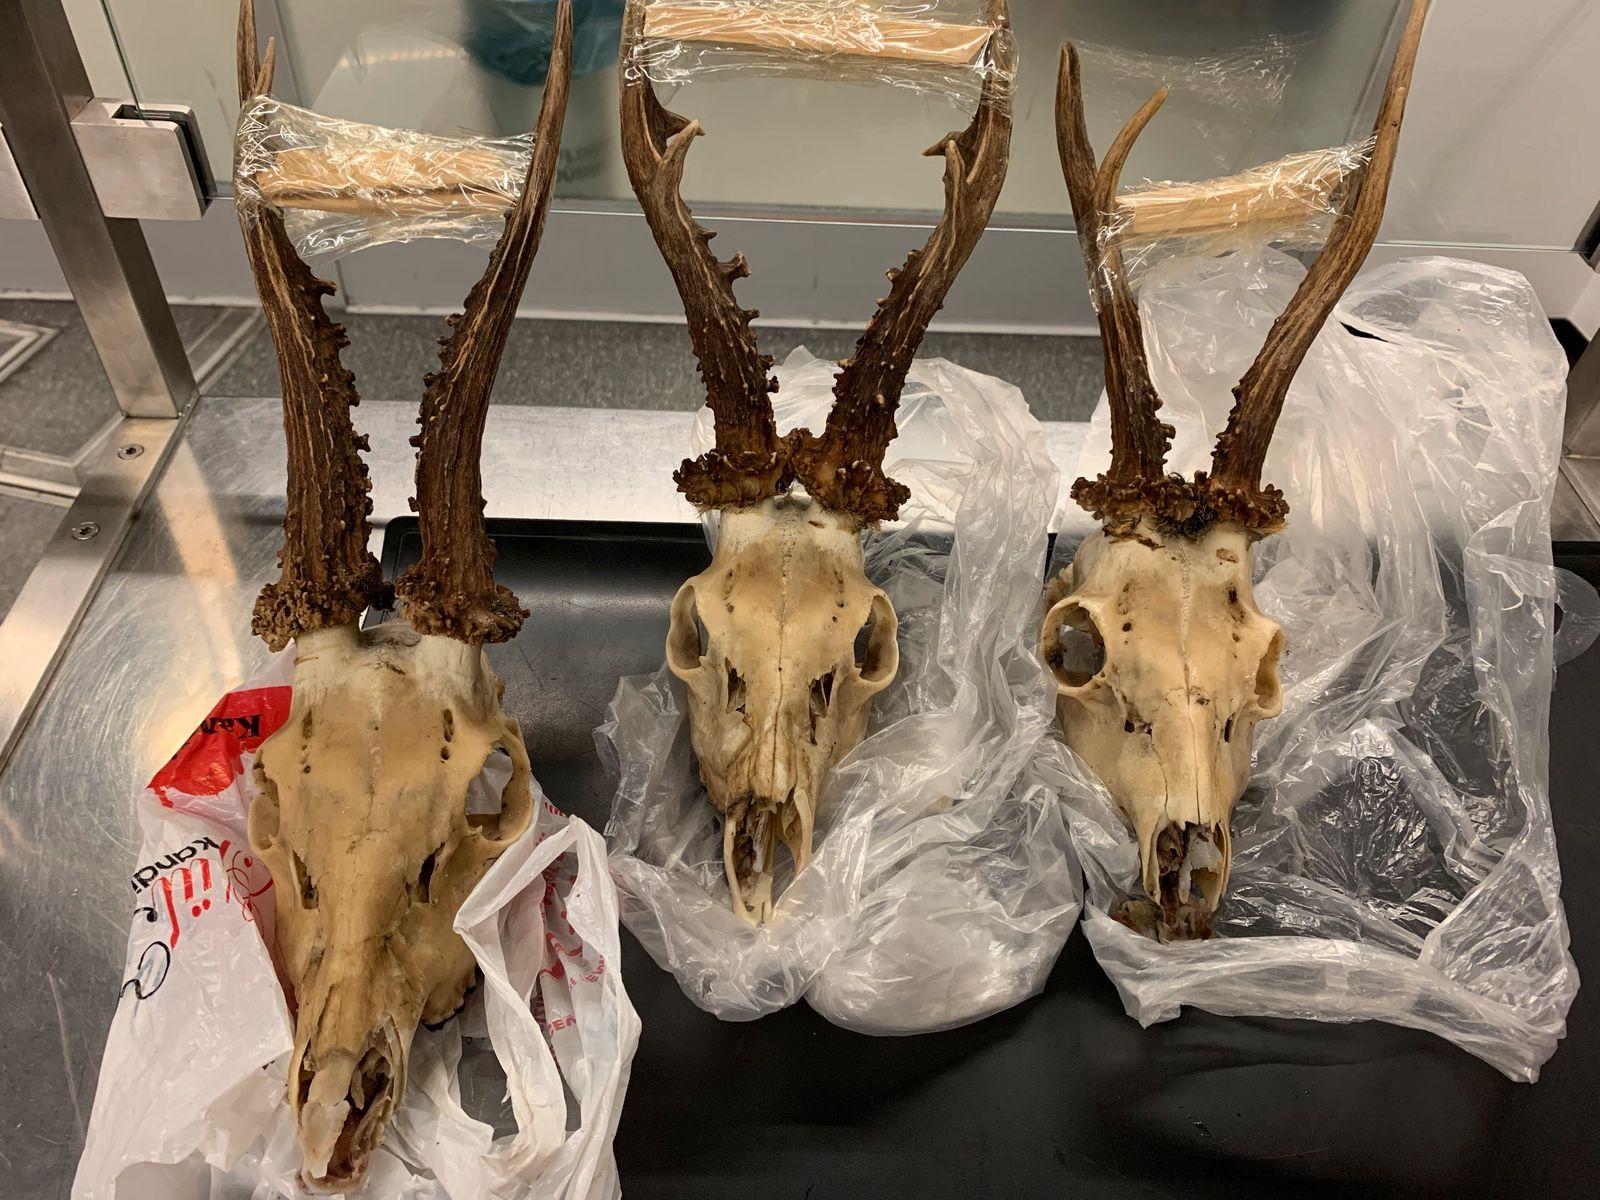 Jäger bringt drei Rehschädel aus Urlaub mit